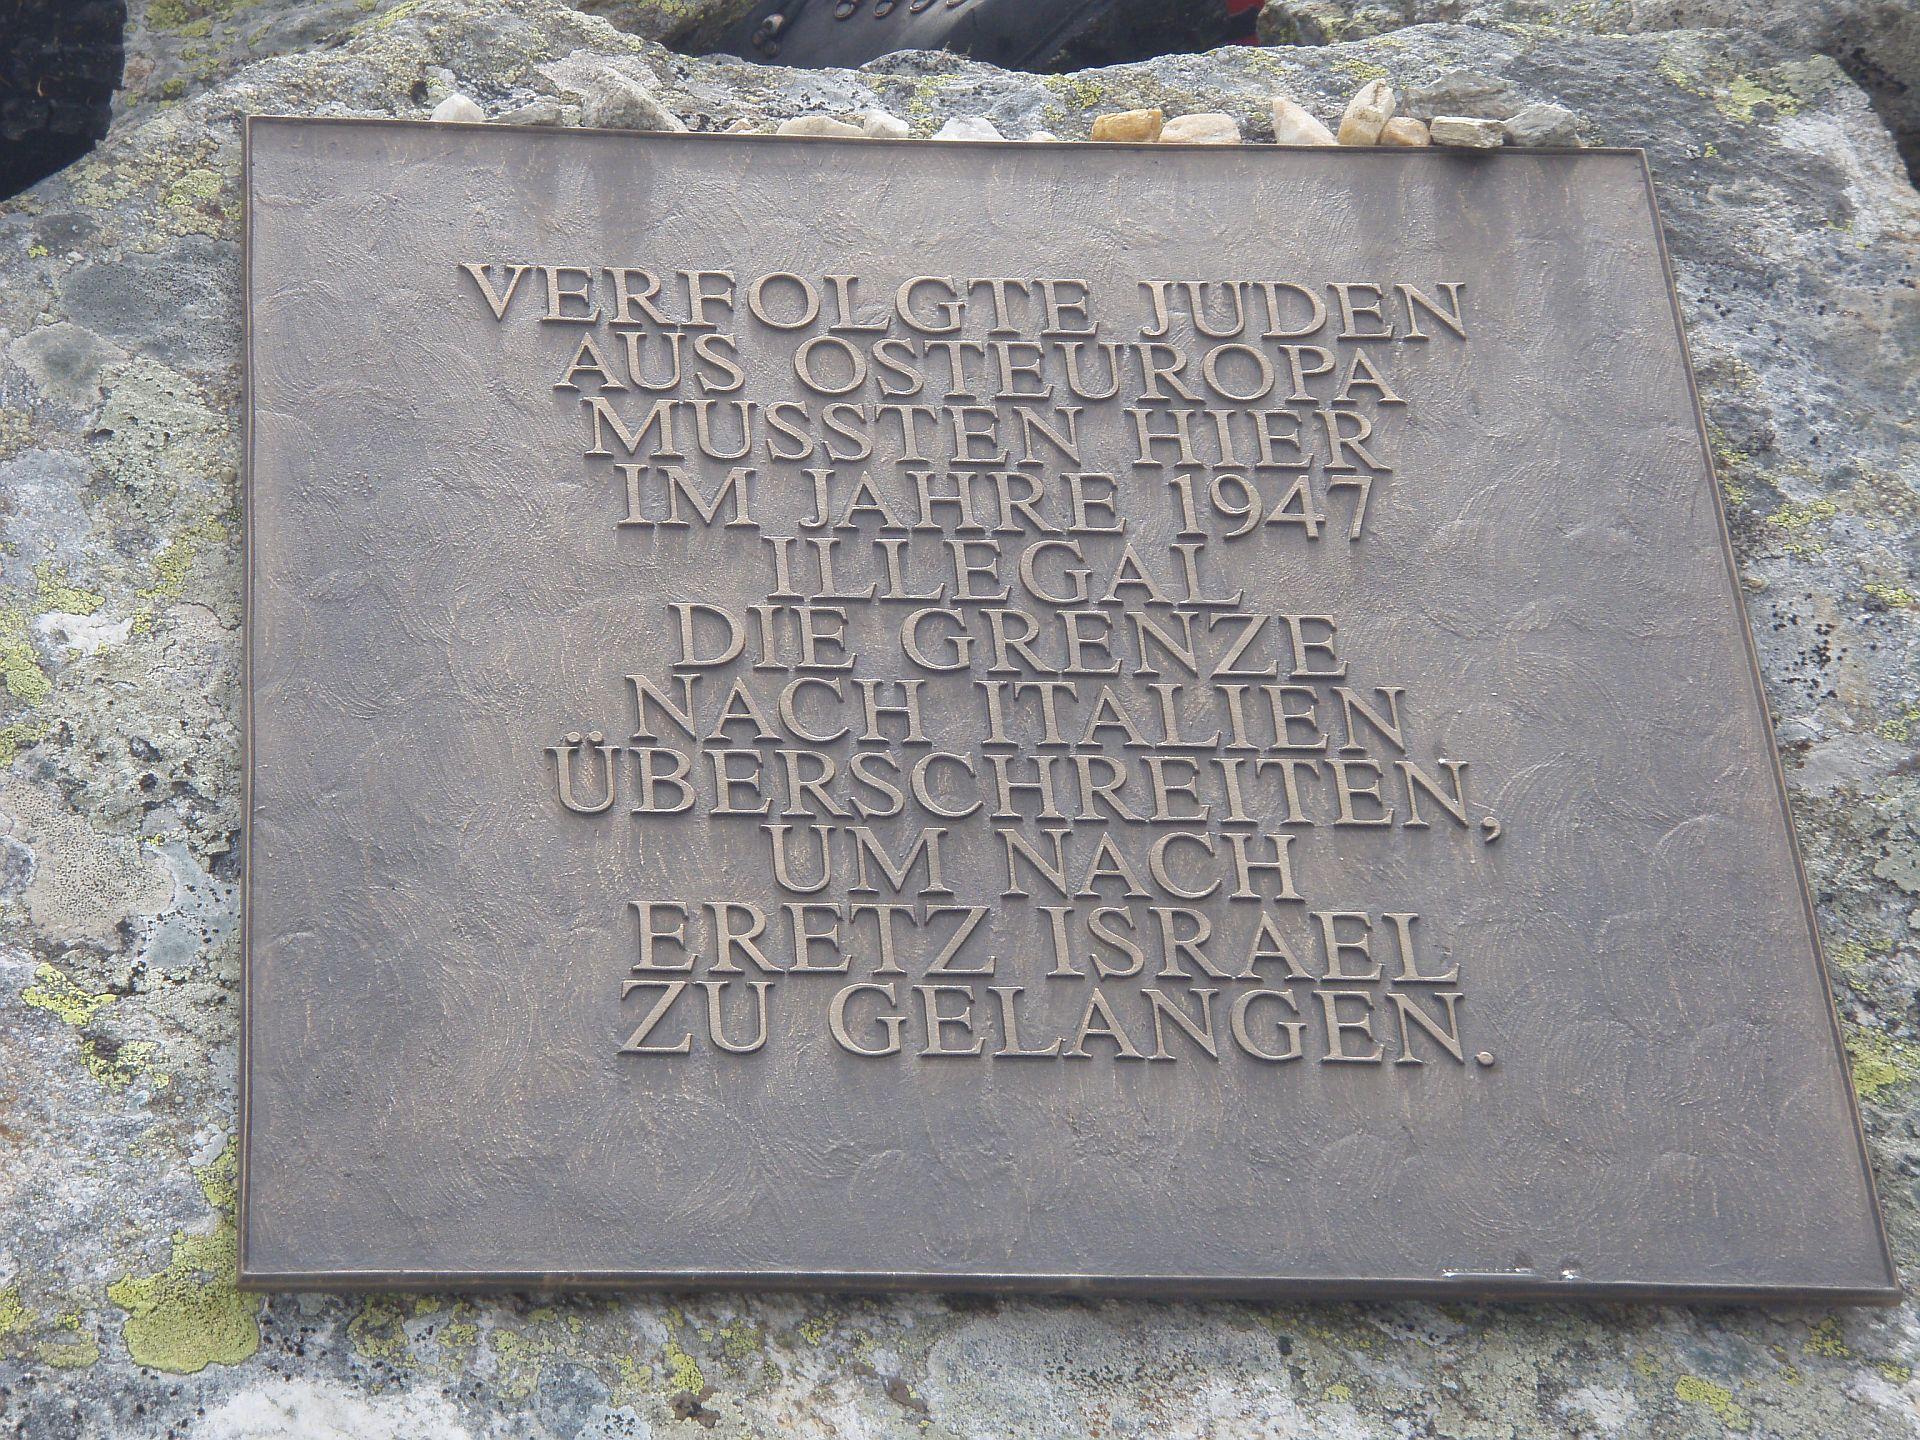 https://www.sn.at/wiki/images/c/c8/Gedenktafel_am_Krimmler_Tauern.jpg